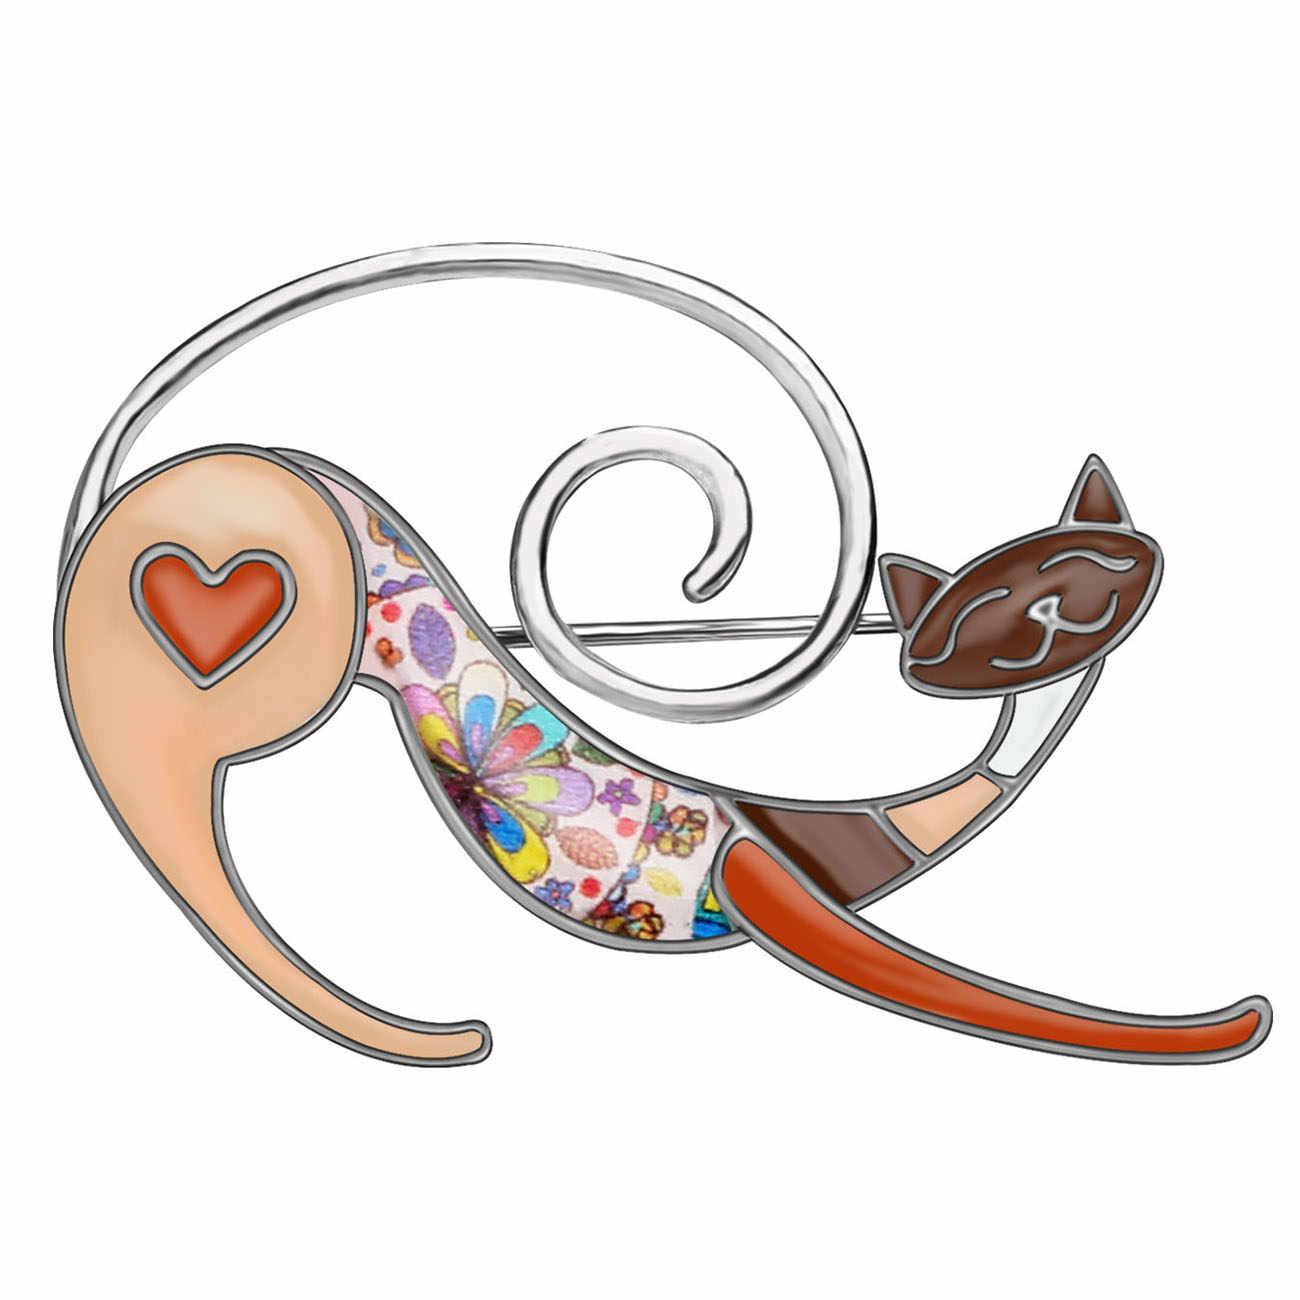 WEVENI Della Lega Dello Smalto Anime Floreale Gatto Gattino Spille Abbigliamento Sciarpa Decorazione Spille Animale Dei Monili Per Le Donne Ragazze Adolescenti Regalo 2019